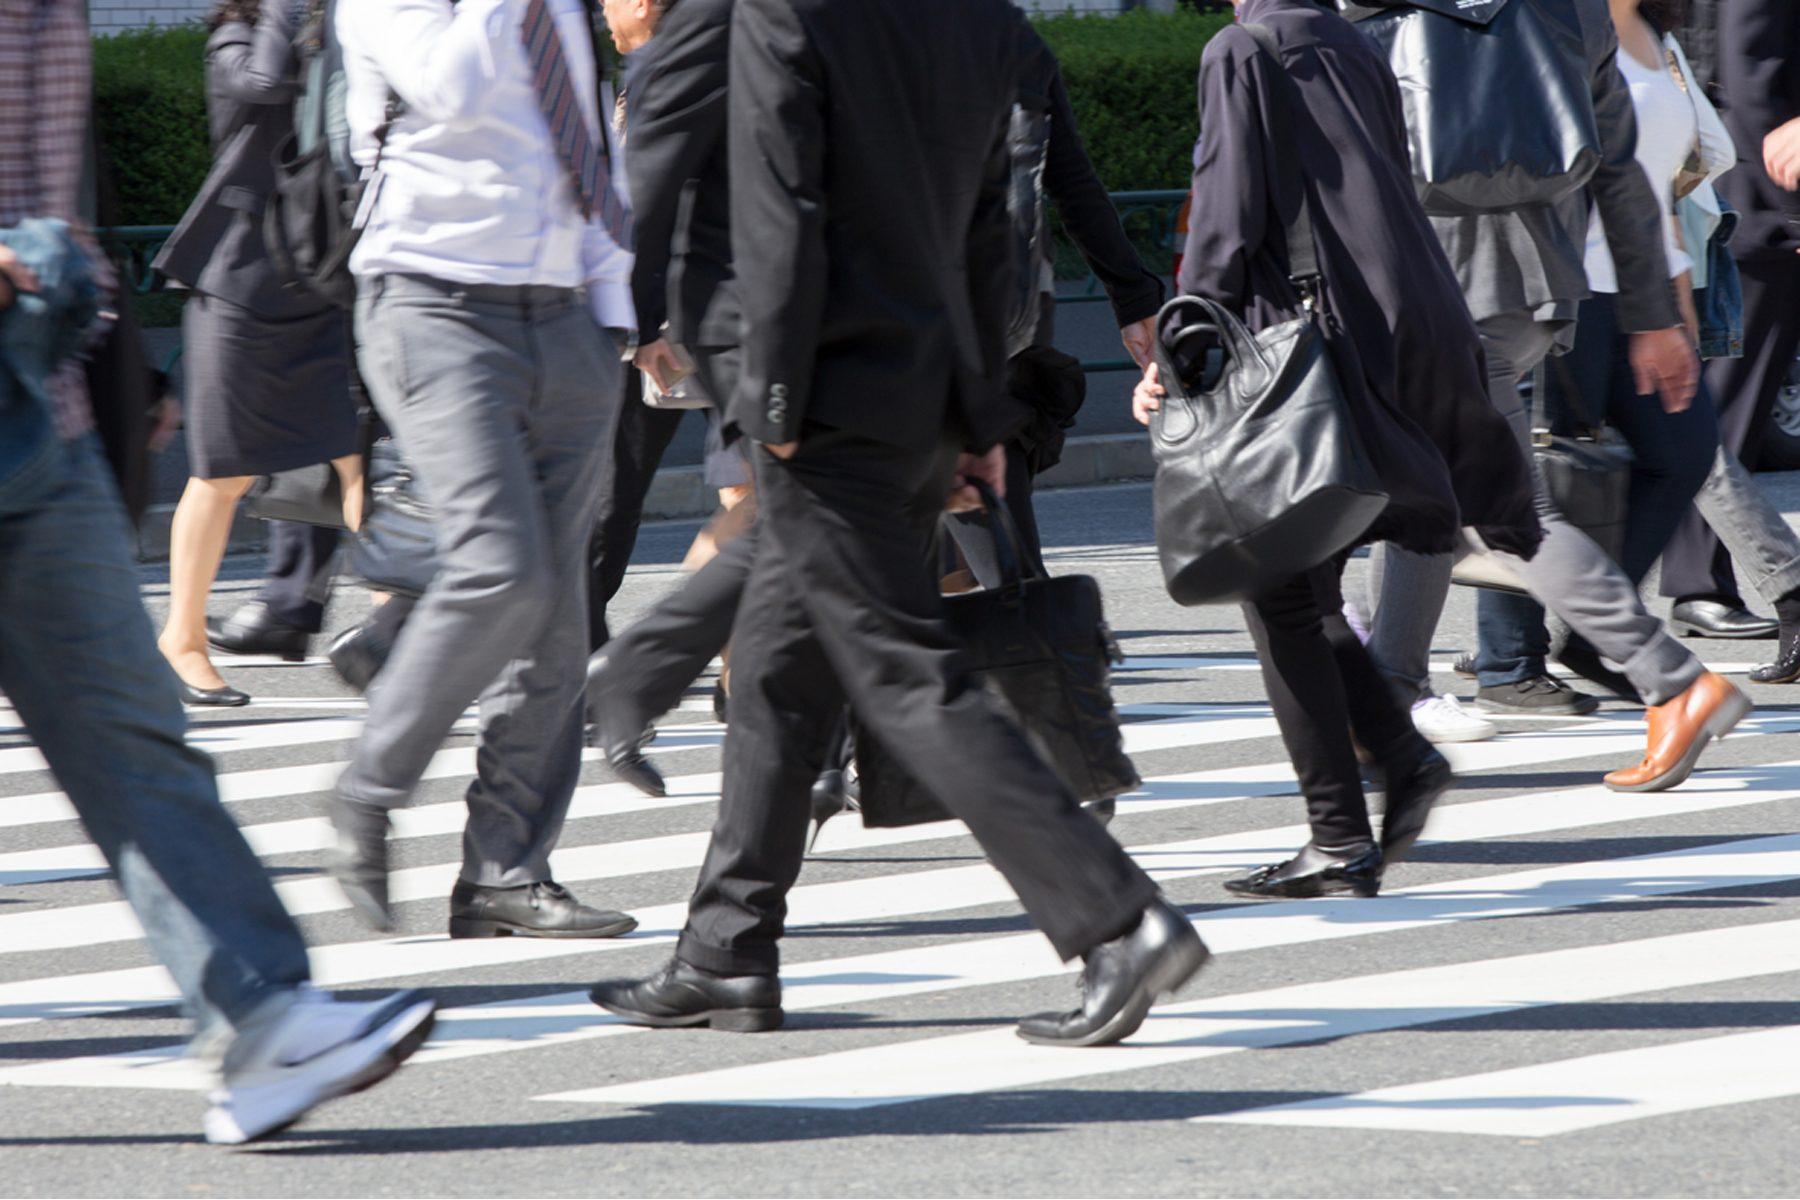 新型コロナで増加する「東京差別」に賛否続出 『グッとラック』の特集が話題に – ニュースサイトしらべぇ